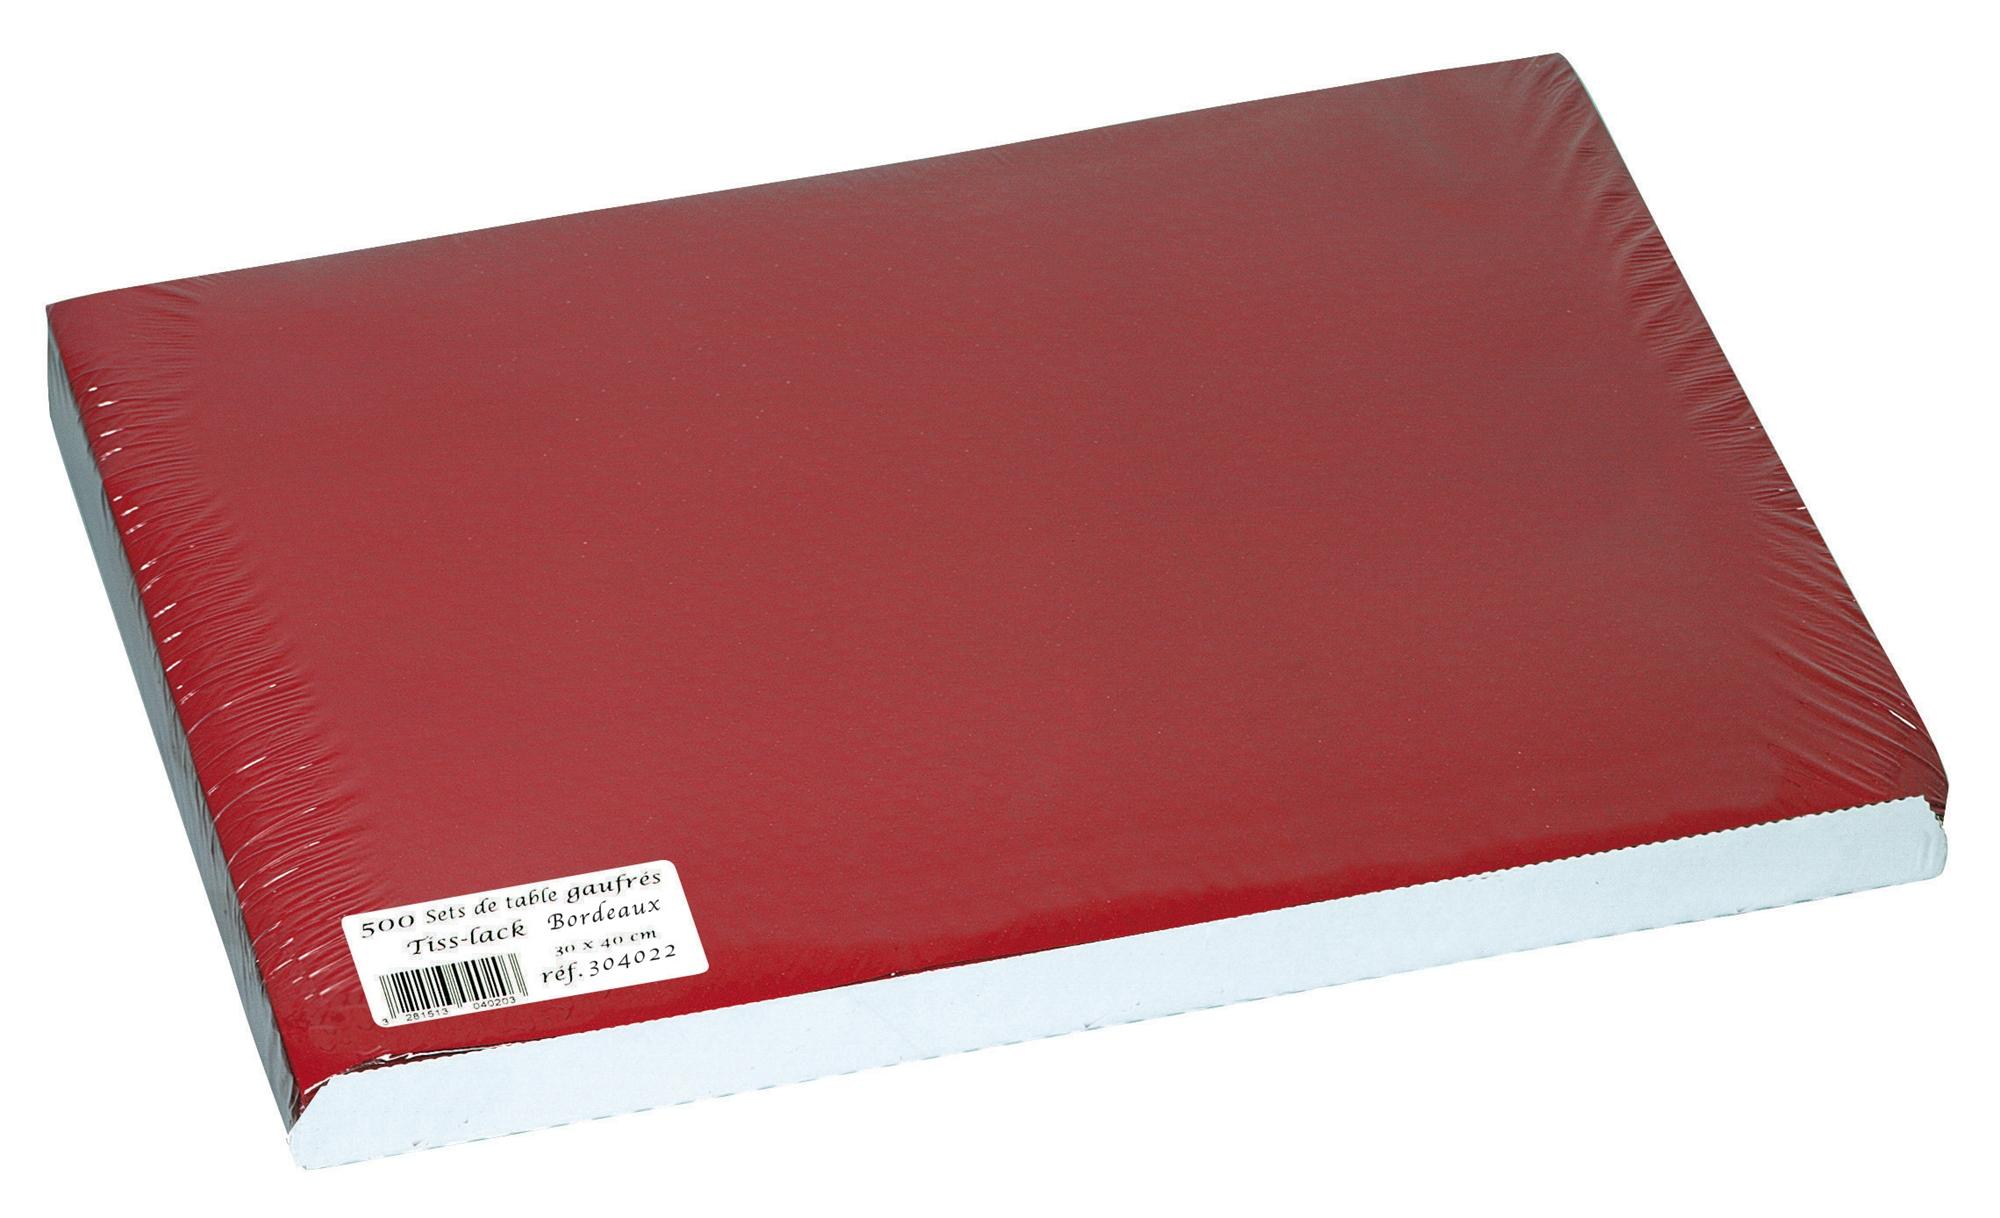 Set de table papier 30 x 40 bordeaux paquet de 500 for Set de table papier